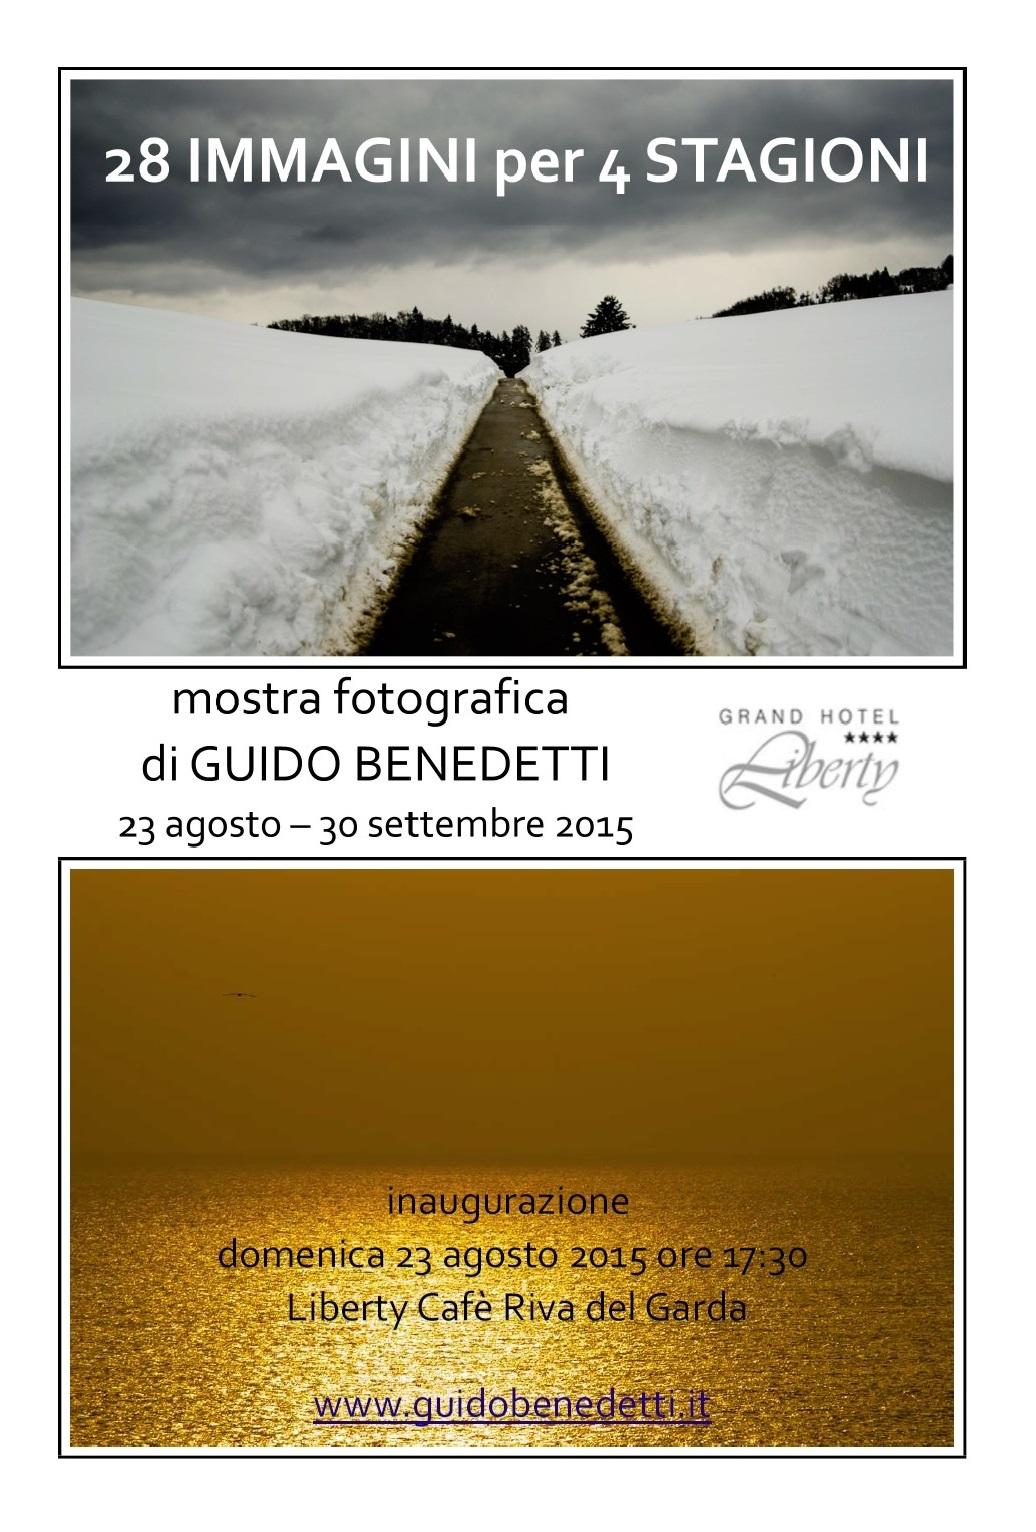 """""""28 IMMAGINI PER 4 STAGIONI"""" in trasferta a Riva del Garda"""